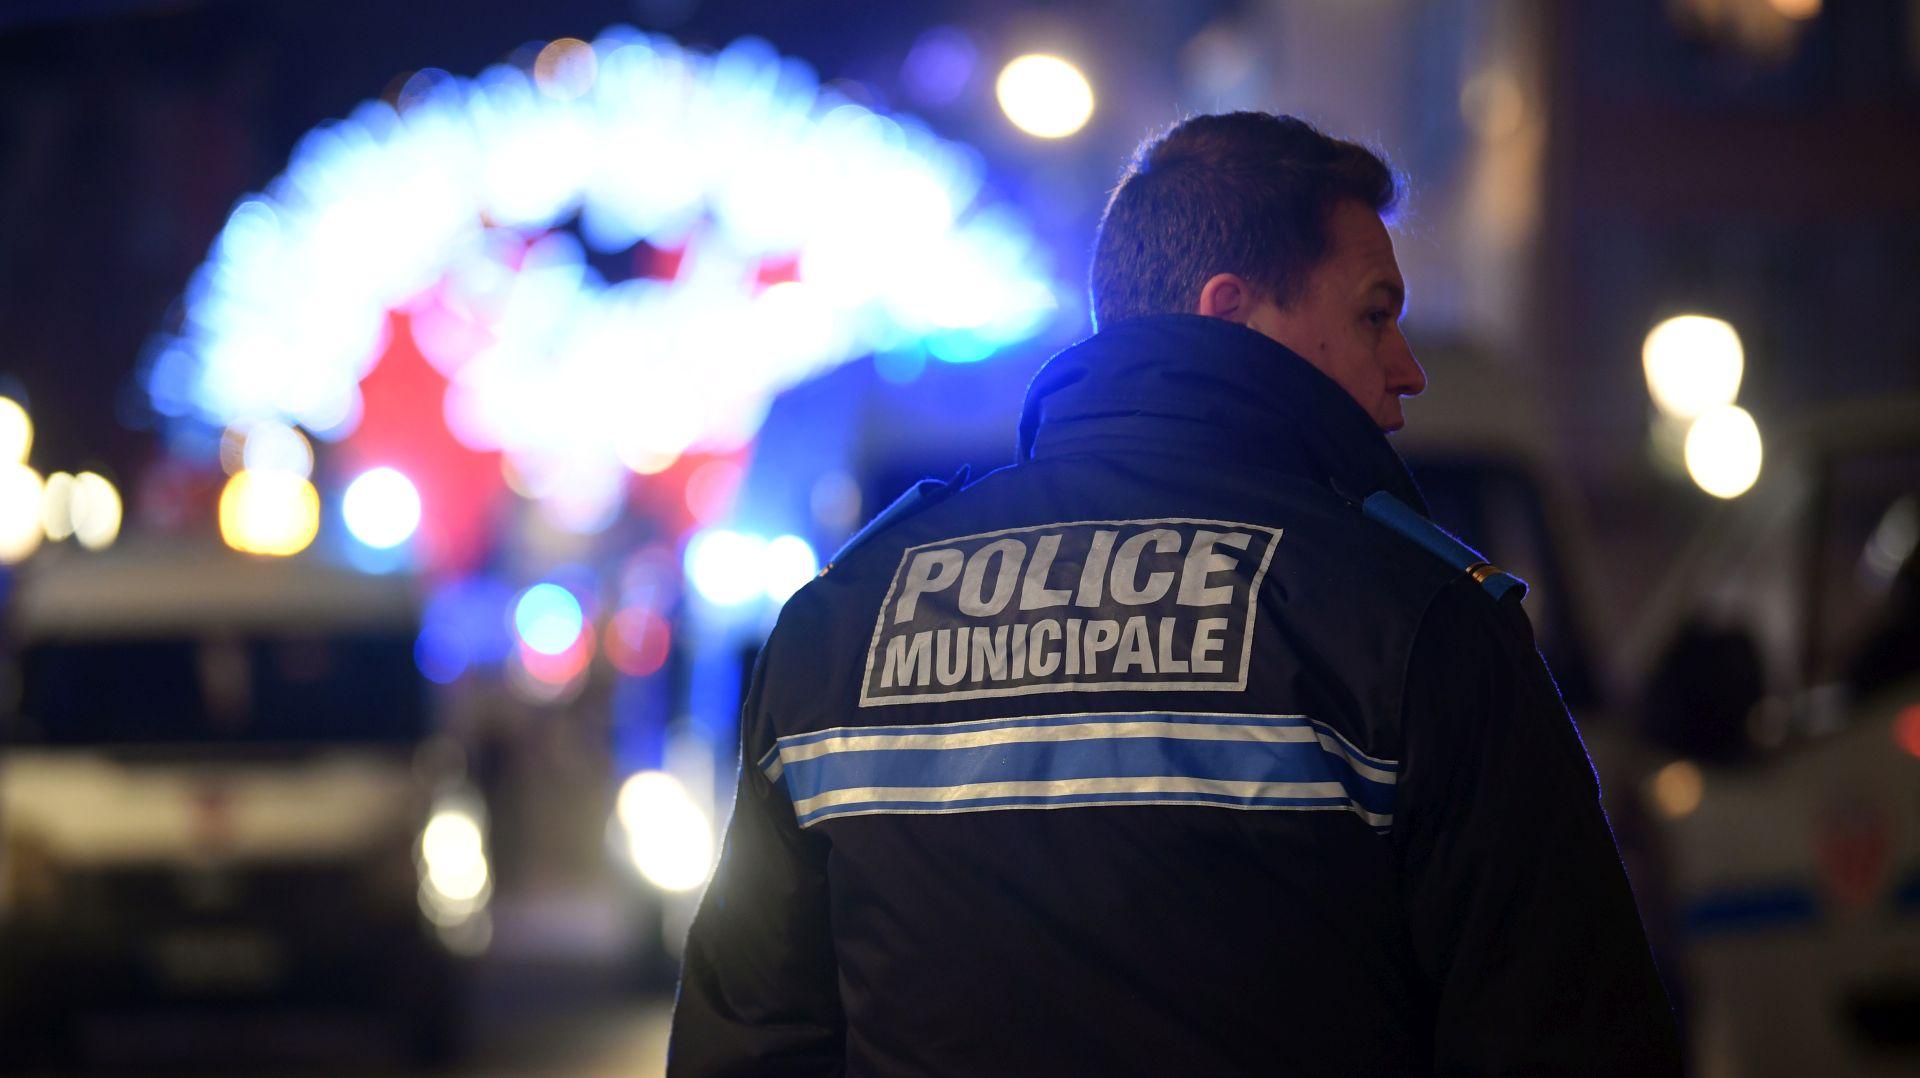 Napadač iz Strasbourga jučer je trebao biti uhićen zbog pljačke